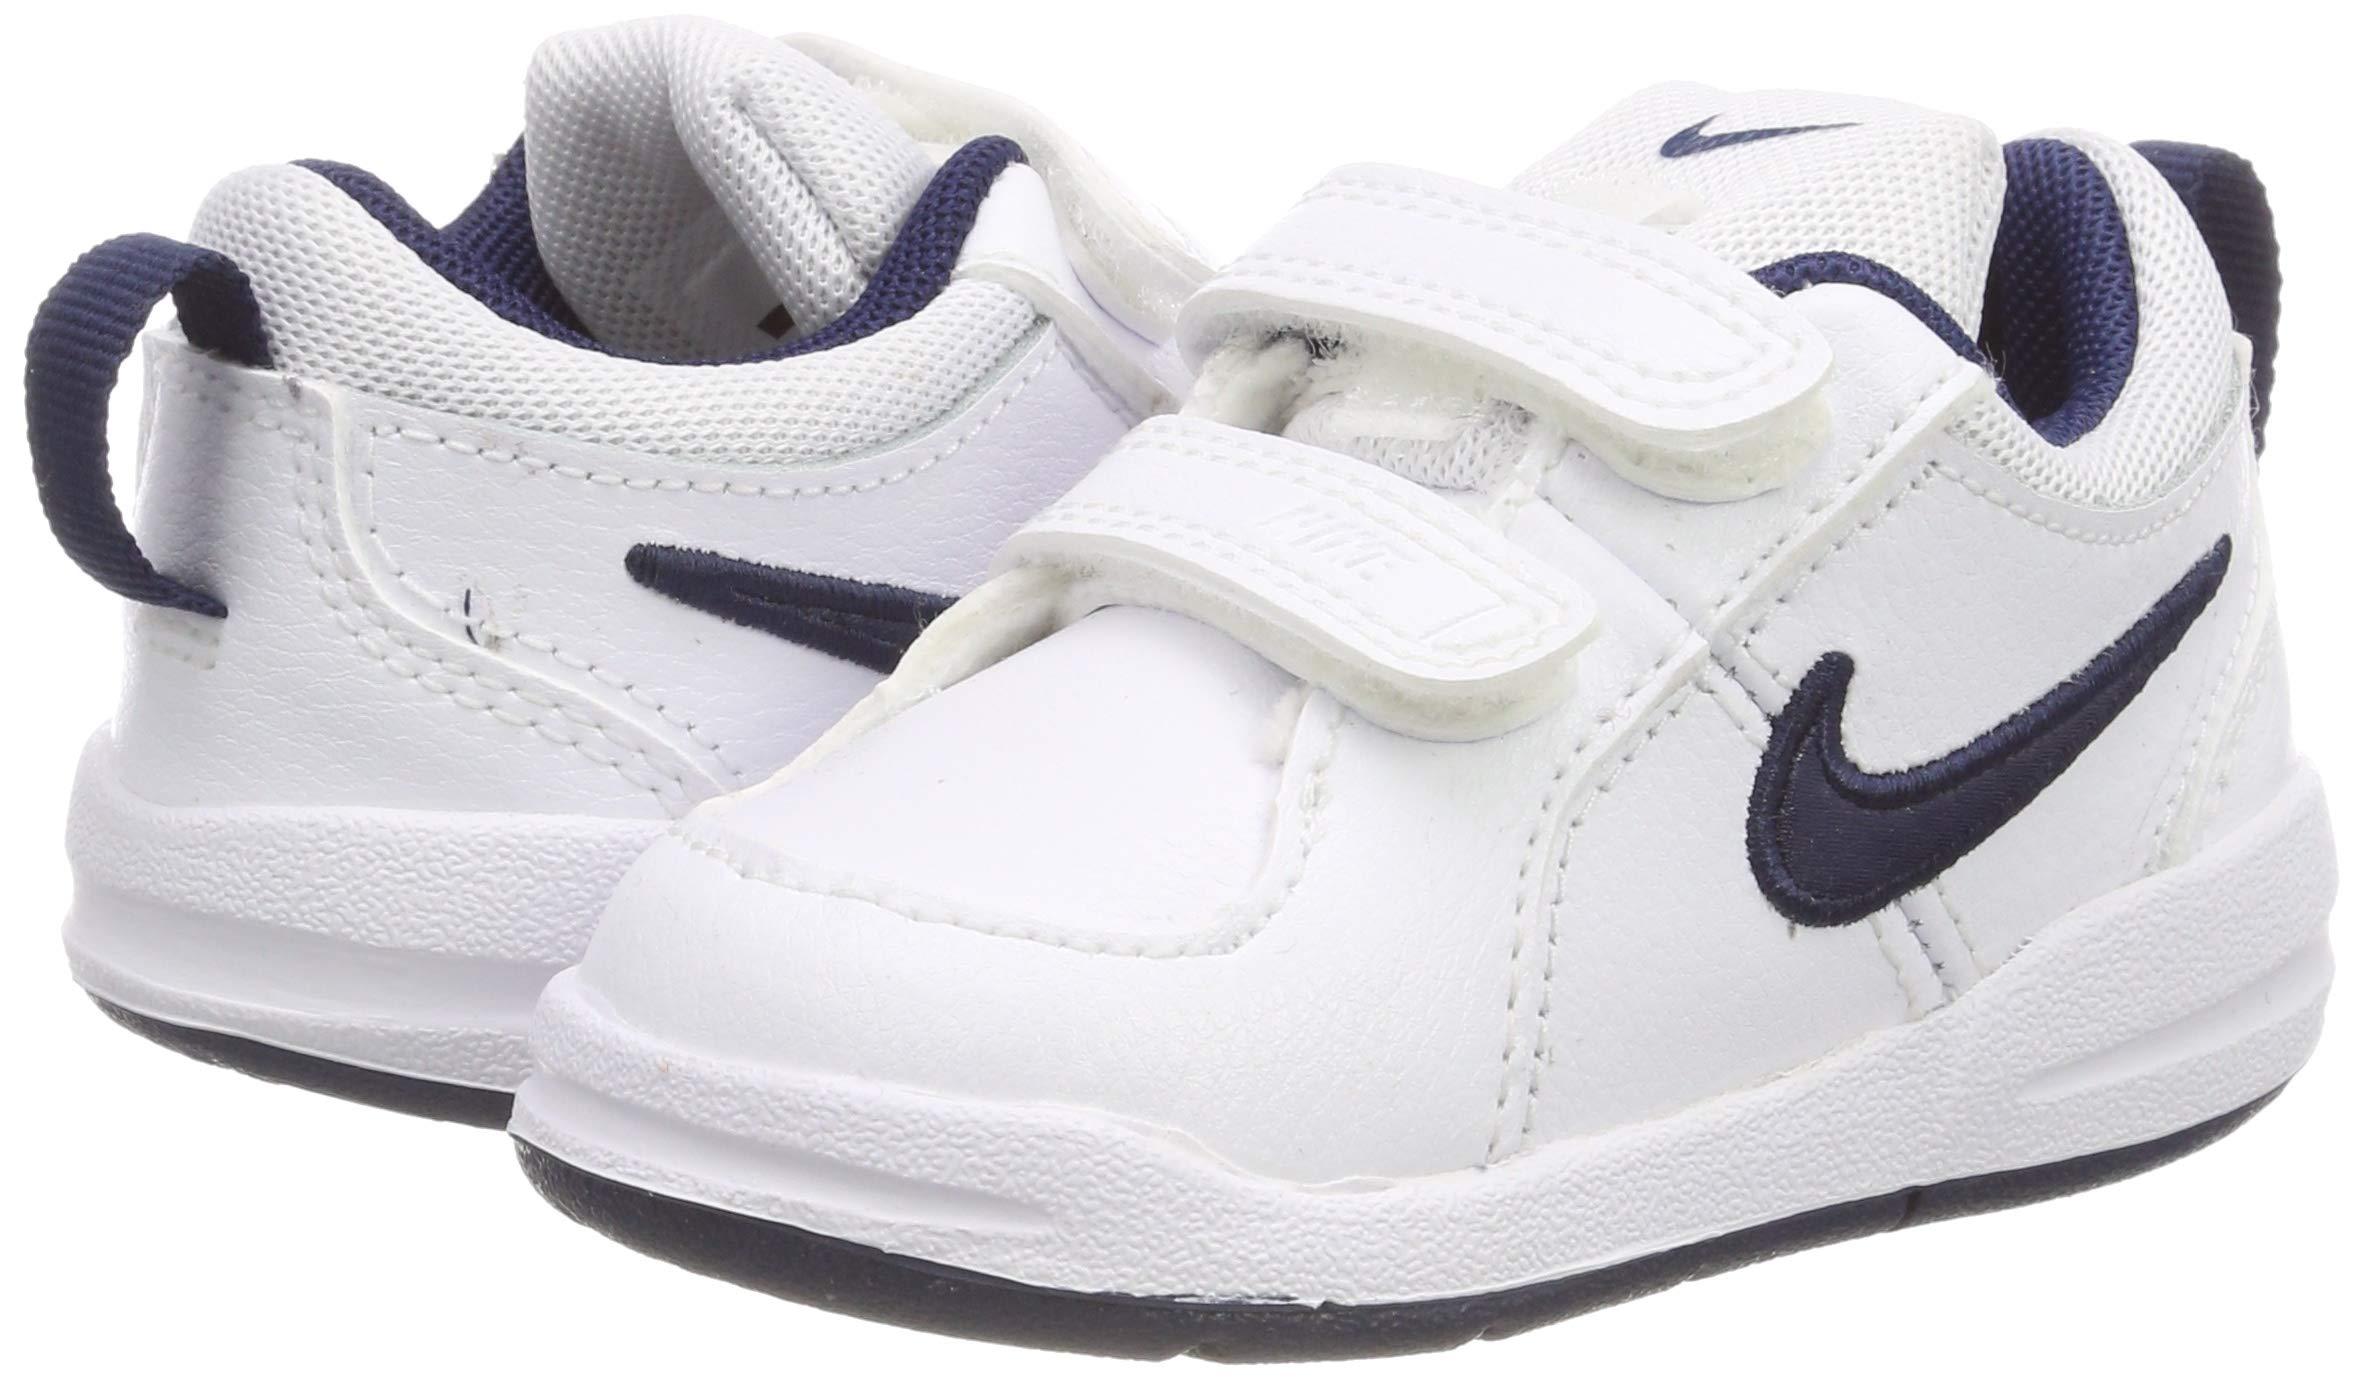 san francisco 91ffa ddfa5 ... pasNike Pico 4 (TDV), Chaussures Premiers Pas bébé garçon. 🔍.  Previous  Next